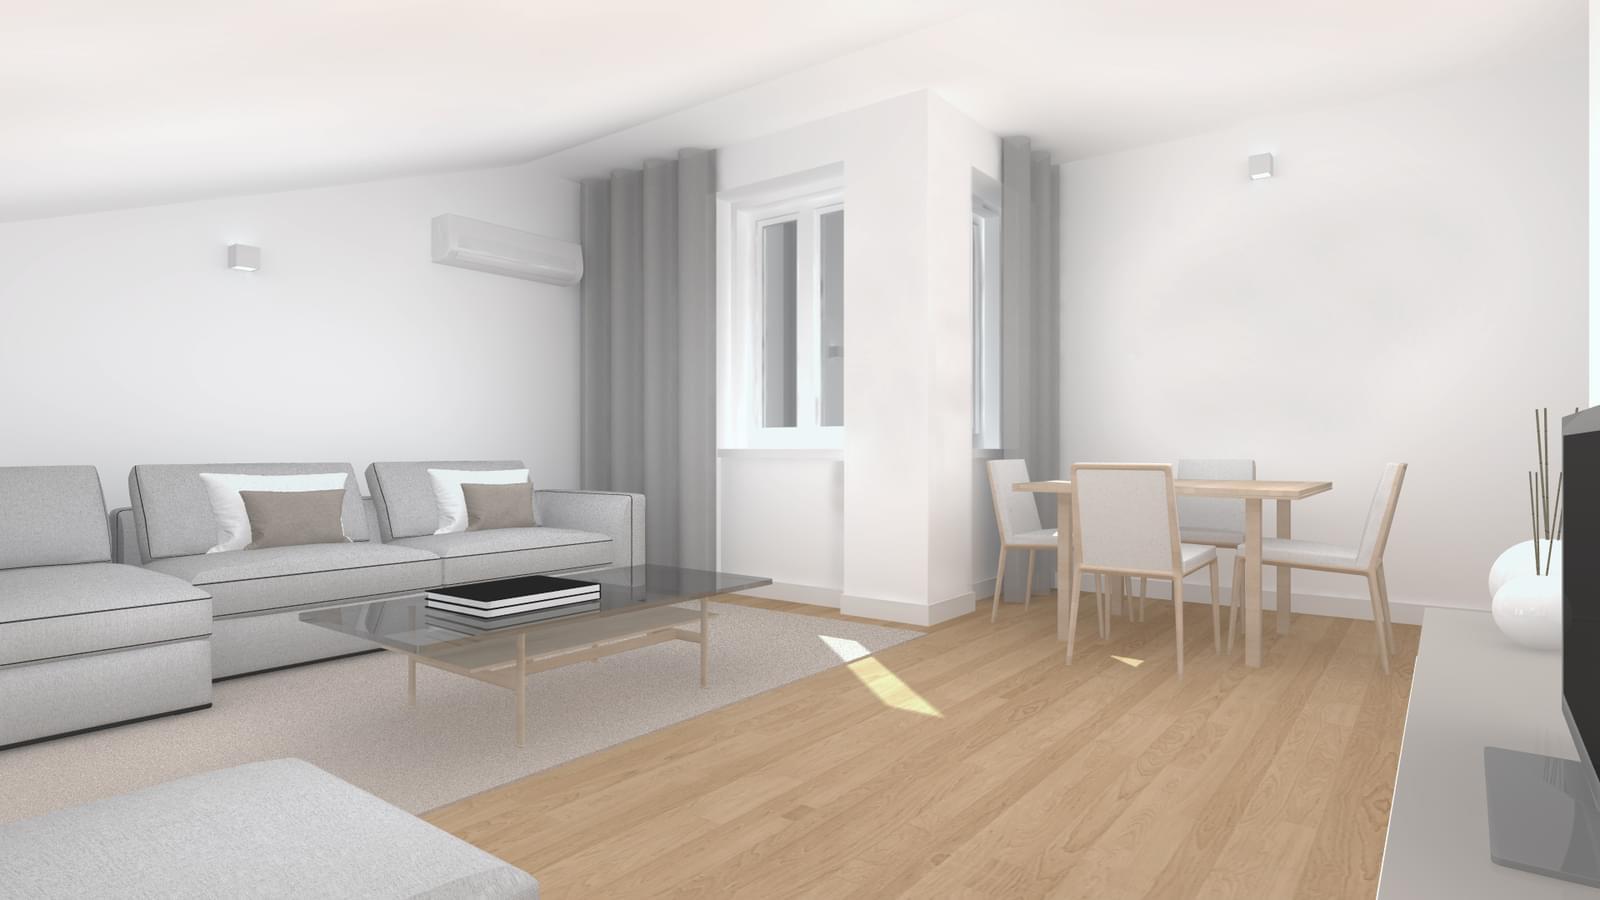 pf17054-apartamento-t2-lisboa-b6062cc4-526d-44b1-95b7-594d6afdb98f